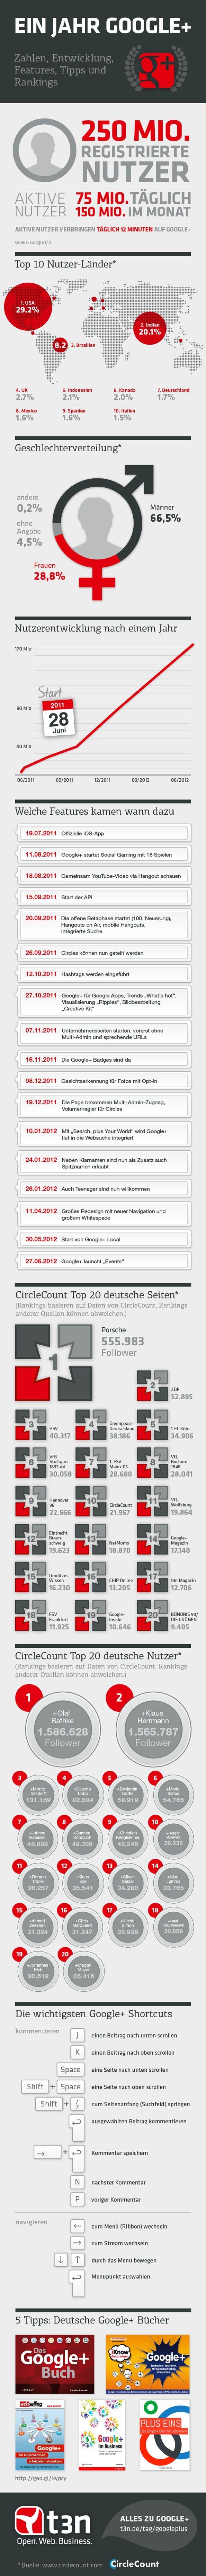 1 Jahr Google+ in Zahlen